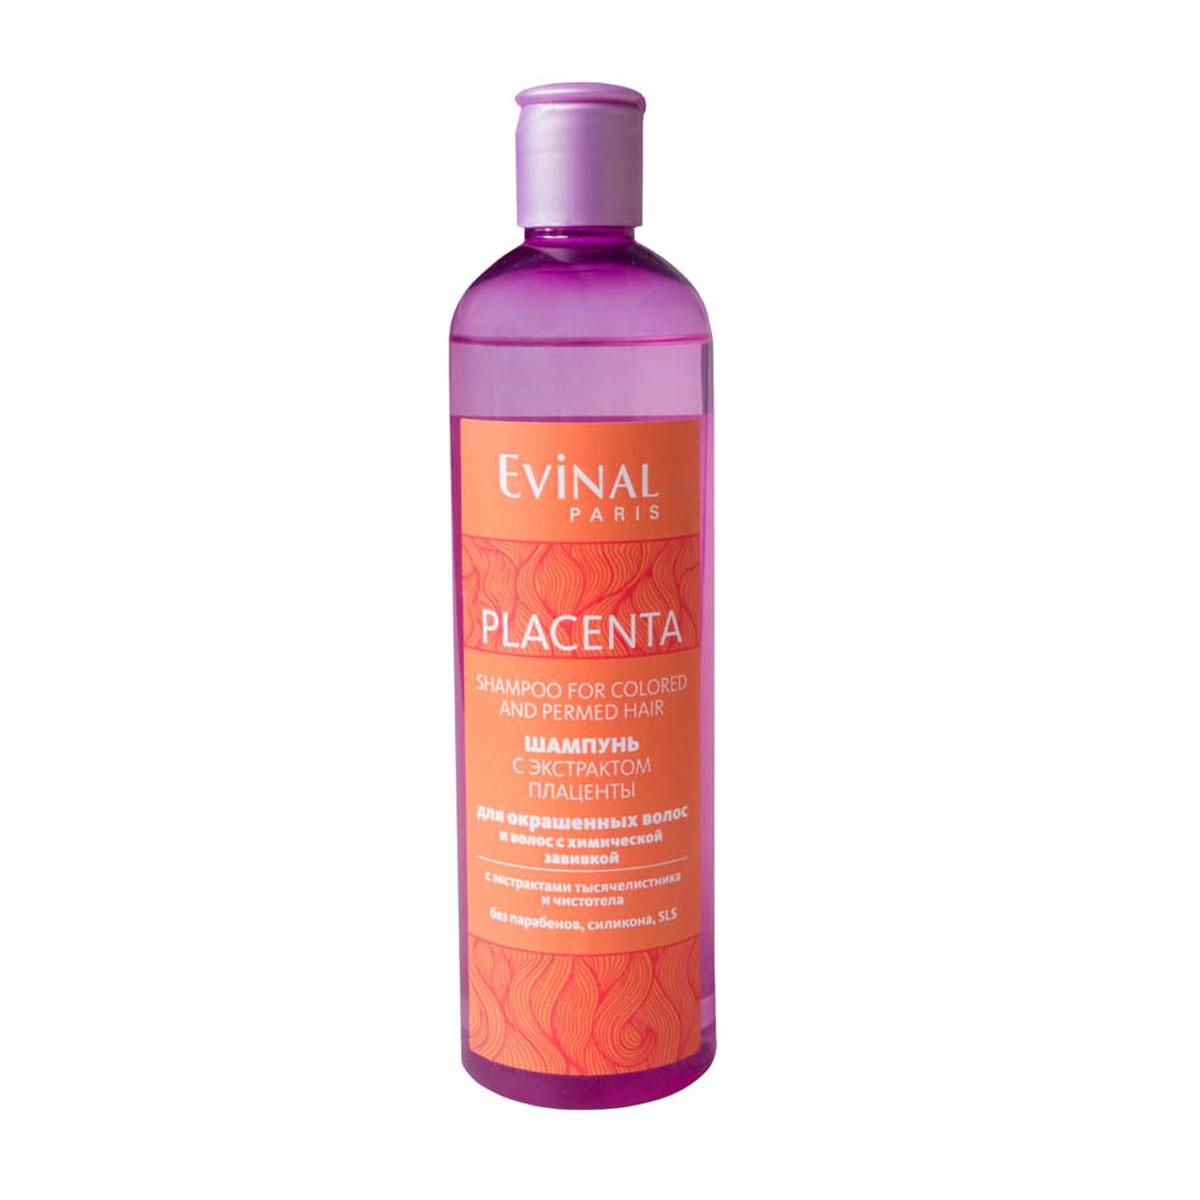 Шампунь Evinal с экстрактом плаценты;для окрашенных волос и волос с химической завивкой;300 мл0131Шампунь с экстрактом плаценты для окрашенных волос и волос с химической завивкой. Шампунь Evinal с экстрактом плаценты предназначен для окрашенных волос и волос с химической завивкой. Показания к применению: выпадение волос;слабые и ломкие волосы;секущиеся концы волос. Частое применение красителей и других химических средств для волос. Результат клинических испытаний: шампунь надежно останавливает выпадение волос в 83% случаев;усиливает рост новых волос до 3см за 60дней применения шампуня в 90% случаев;придает объем блеск и силу в 100% случаев. Рекомендован для ежедневного использования. Максимальный результат достигается при совместном использовании шампуня и бальзама на плаценте в течение 60 дней. Хранить при комнатной температуре. Срок годности 24 месяца. Объем 300мл.